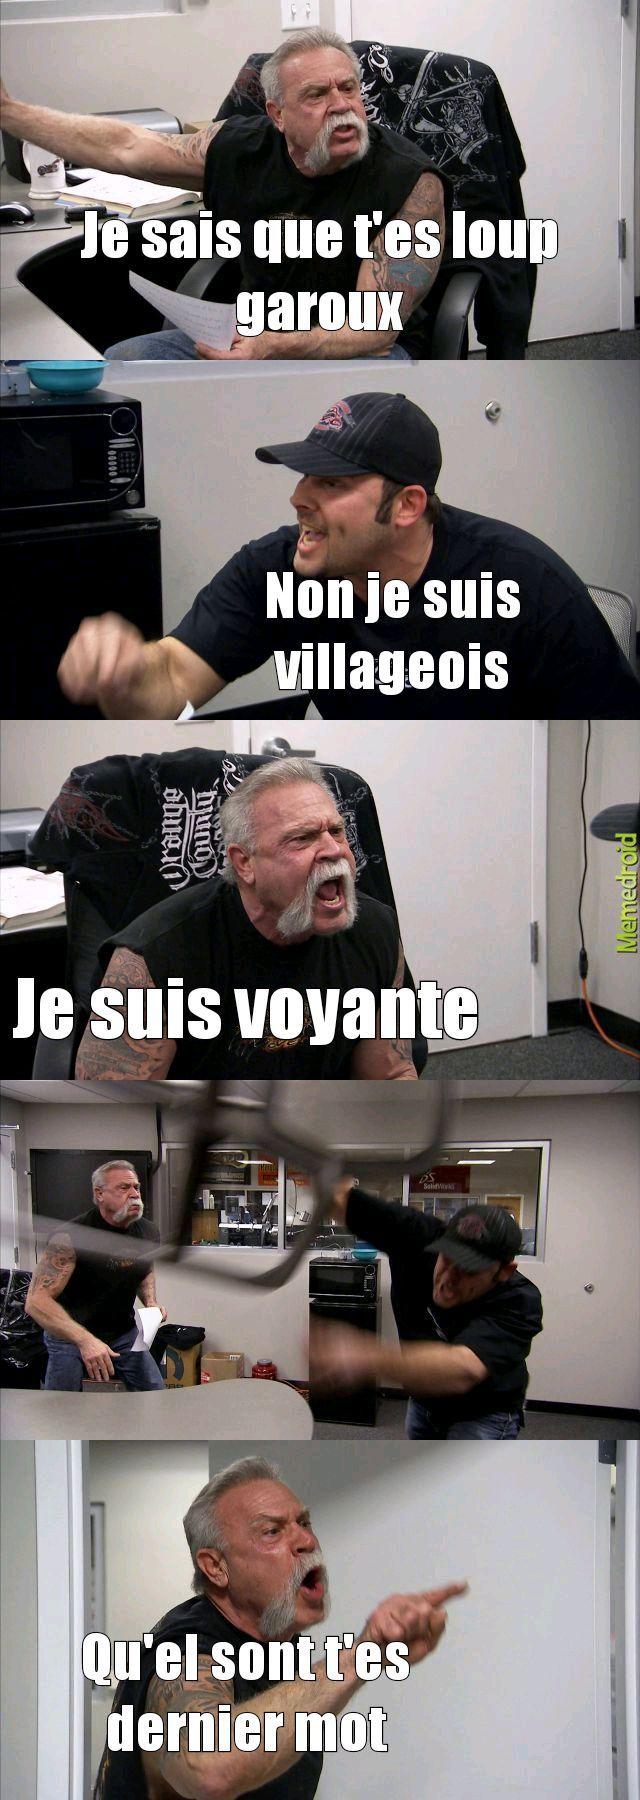 Loup garoux - meme